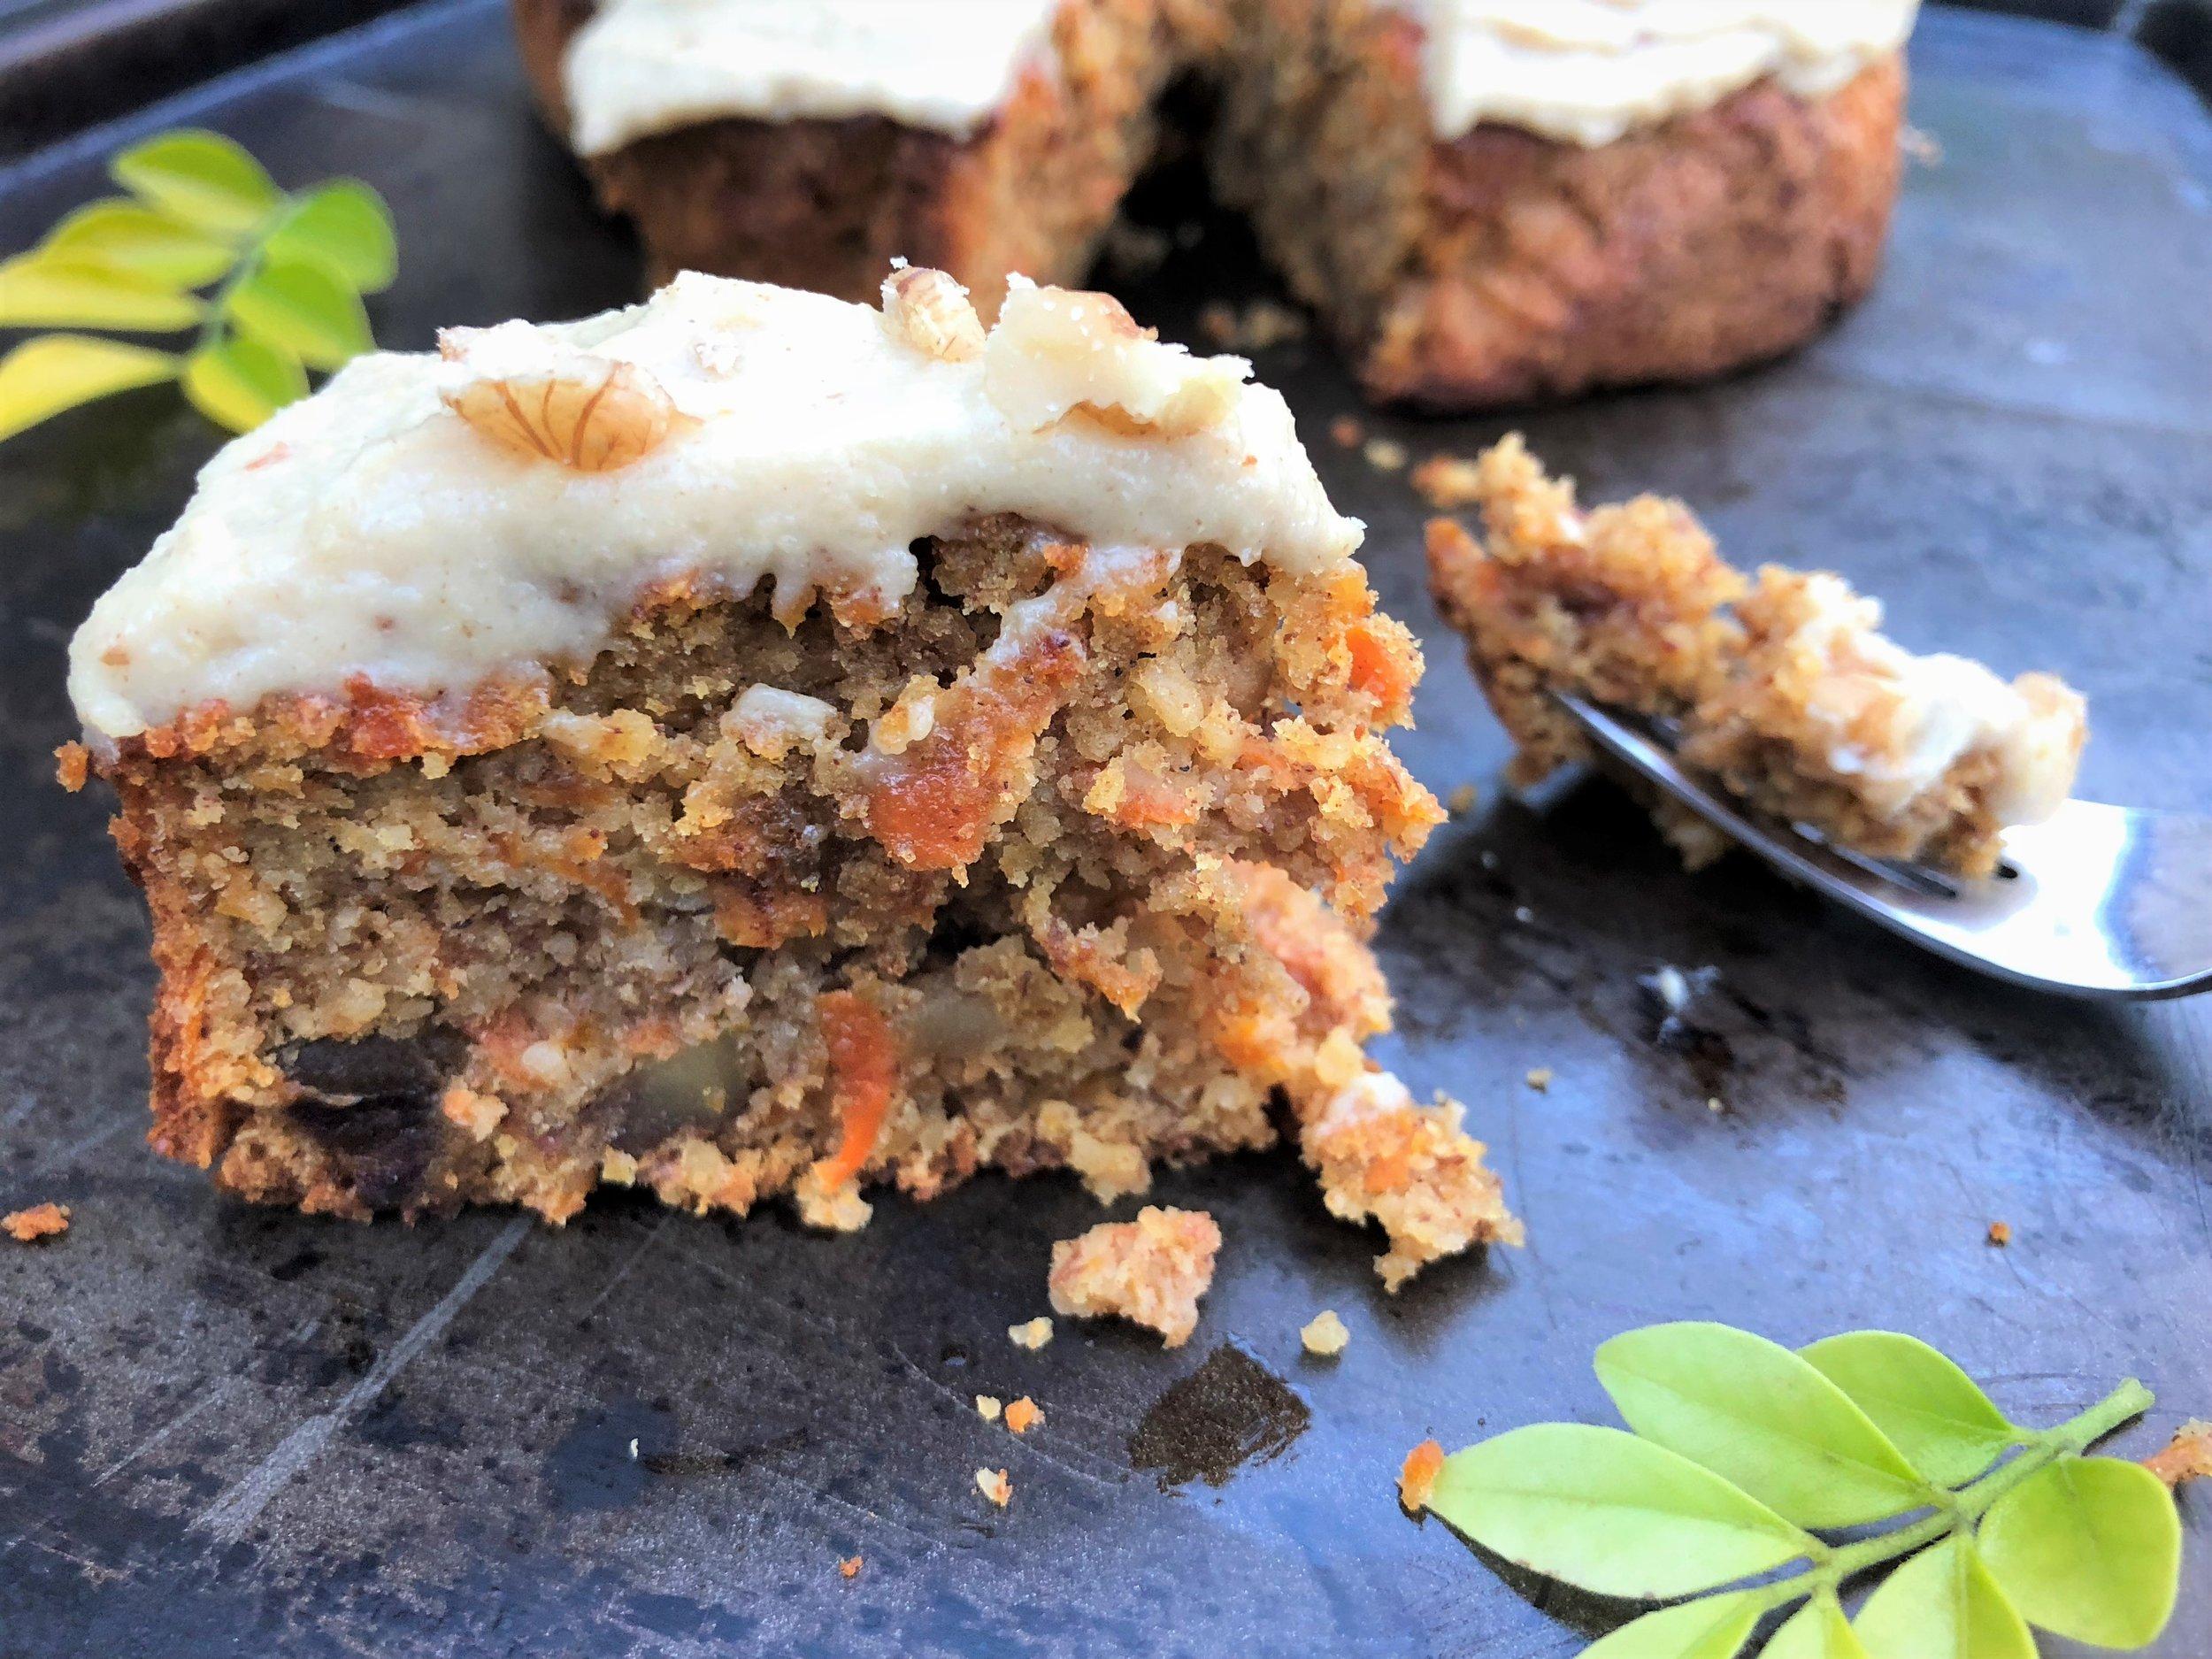 Melissa-Eaton-Eaton-Balanced-Healthy-Carrot-Cake-2.jpg